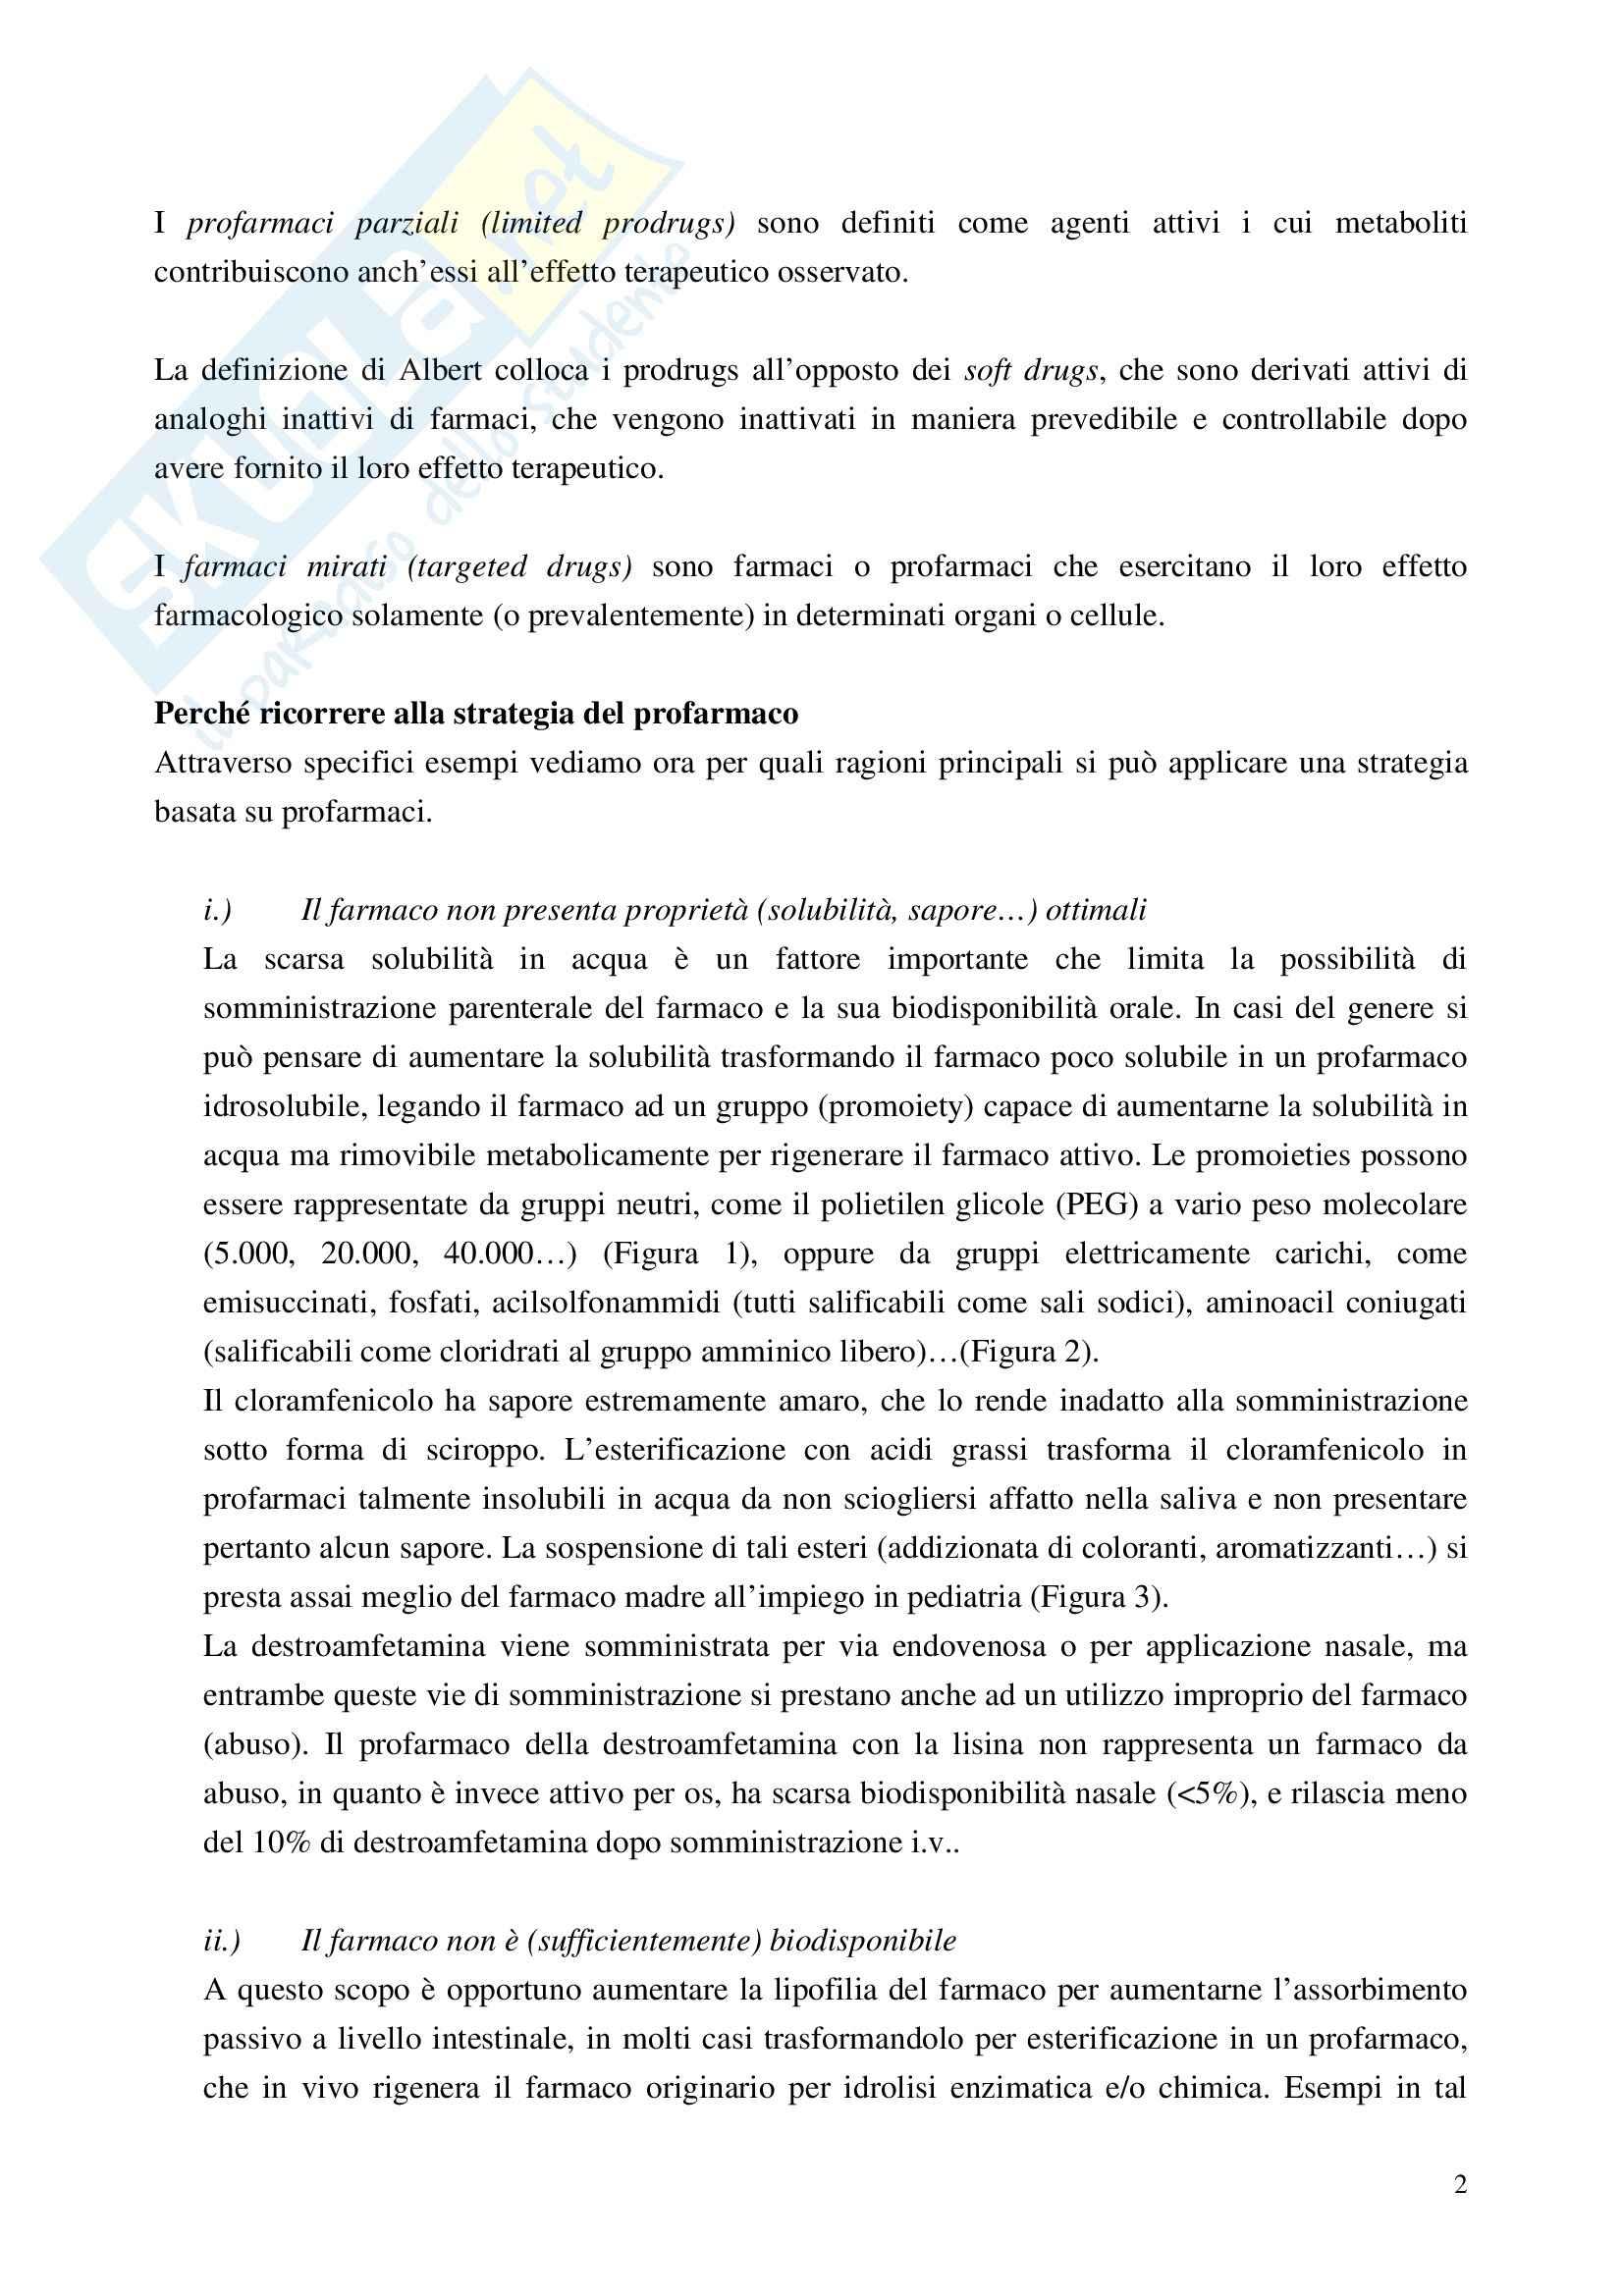 Chimica farmaceutica - i profarmaci Pag. 2